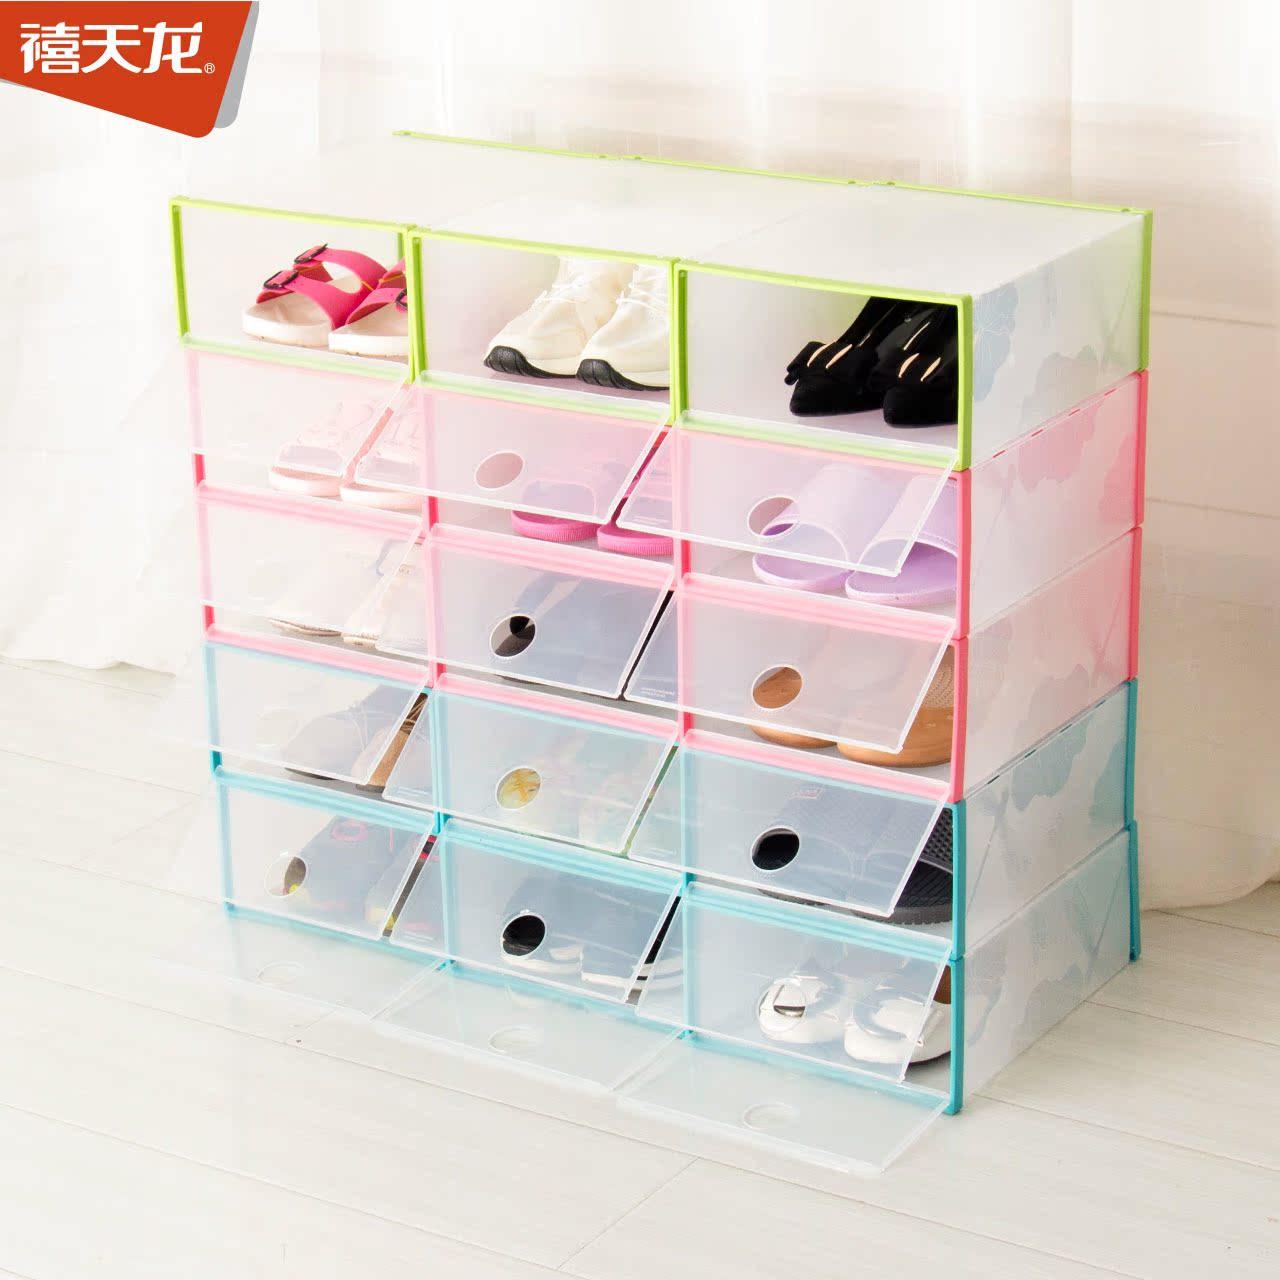 禧天龍防潮加厚透明鞋盒抽屜式塑料鞋子收納盒整理箱可